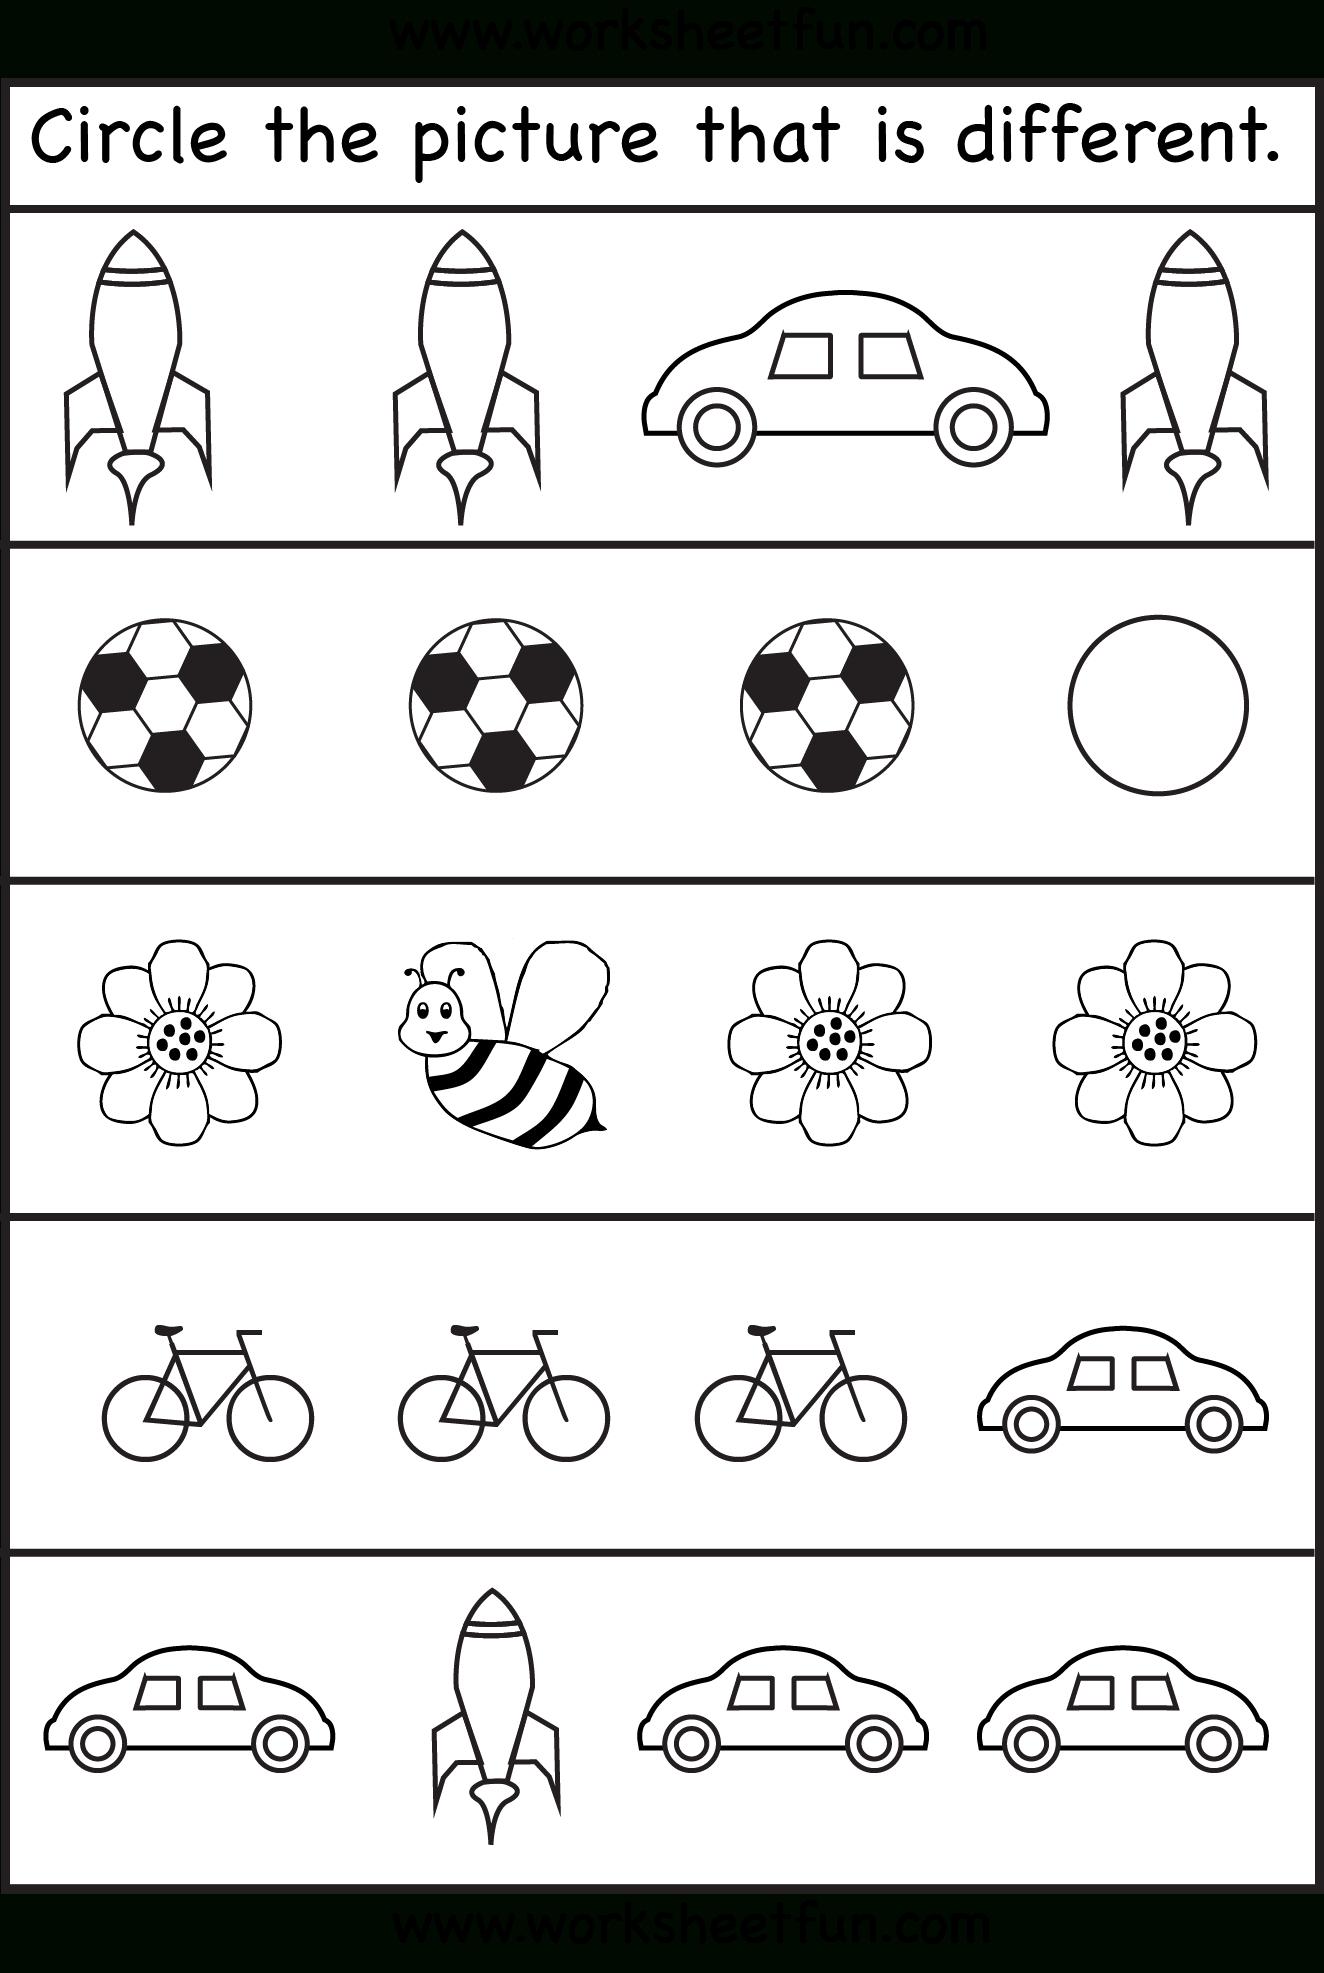 Same Or Different Worksheets For Toddler | Kids Worksheets Printable - Free Printable Toddler Worksheets